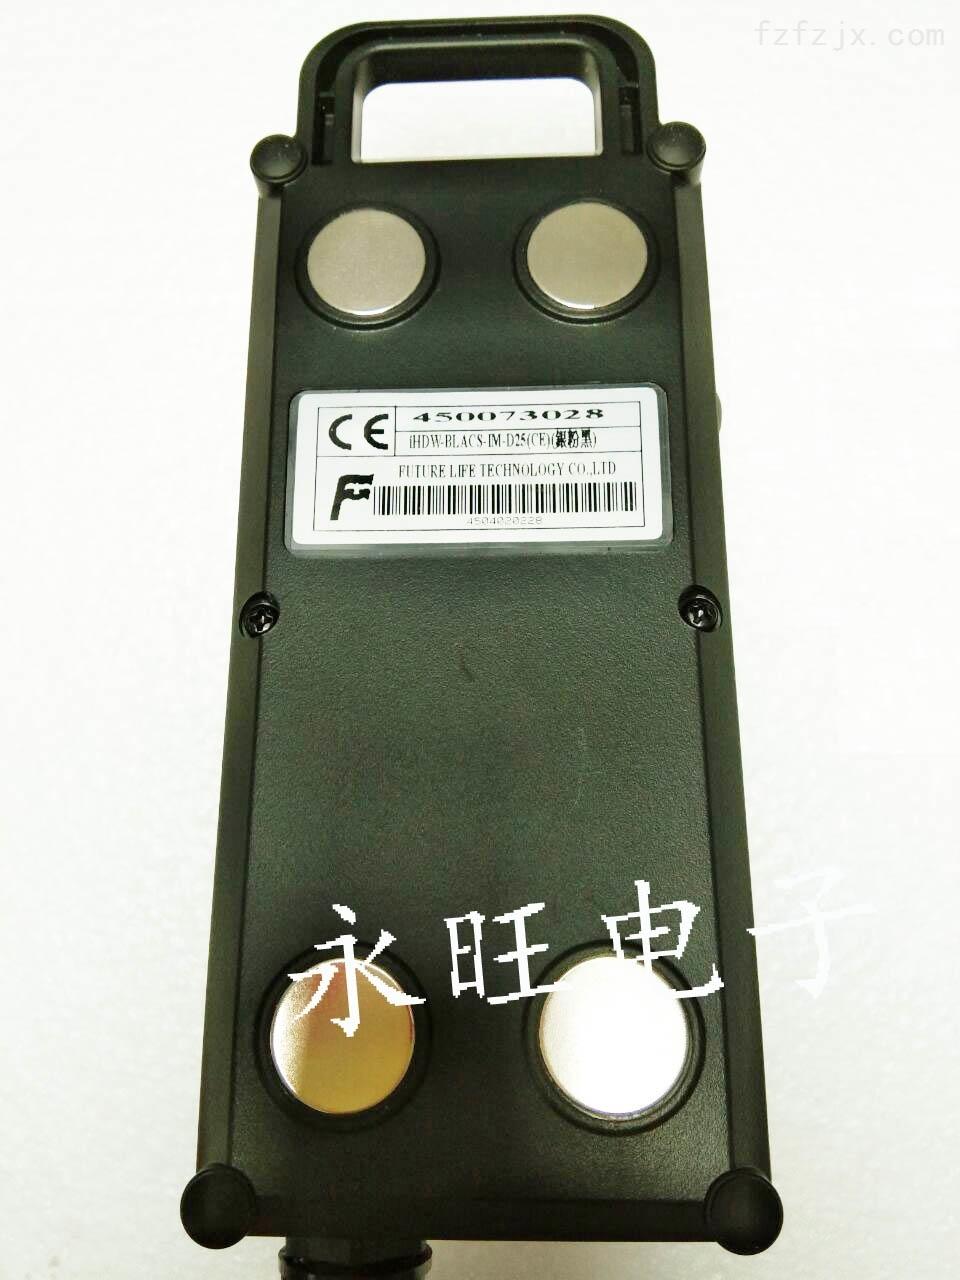 台湾远瞻FUTURE电子手轮 手动脉冲发生器